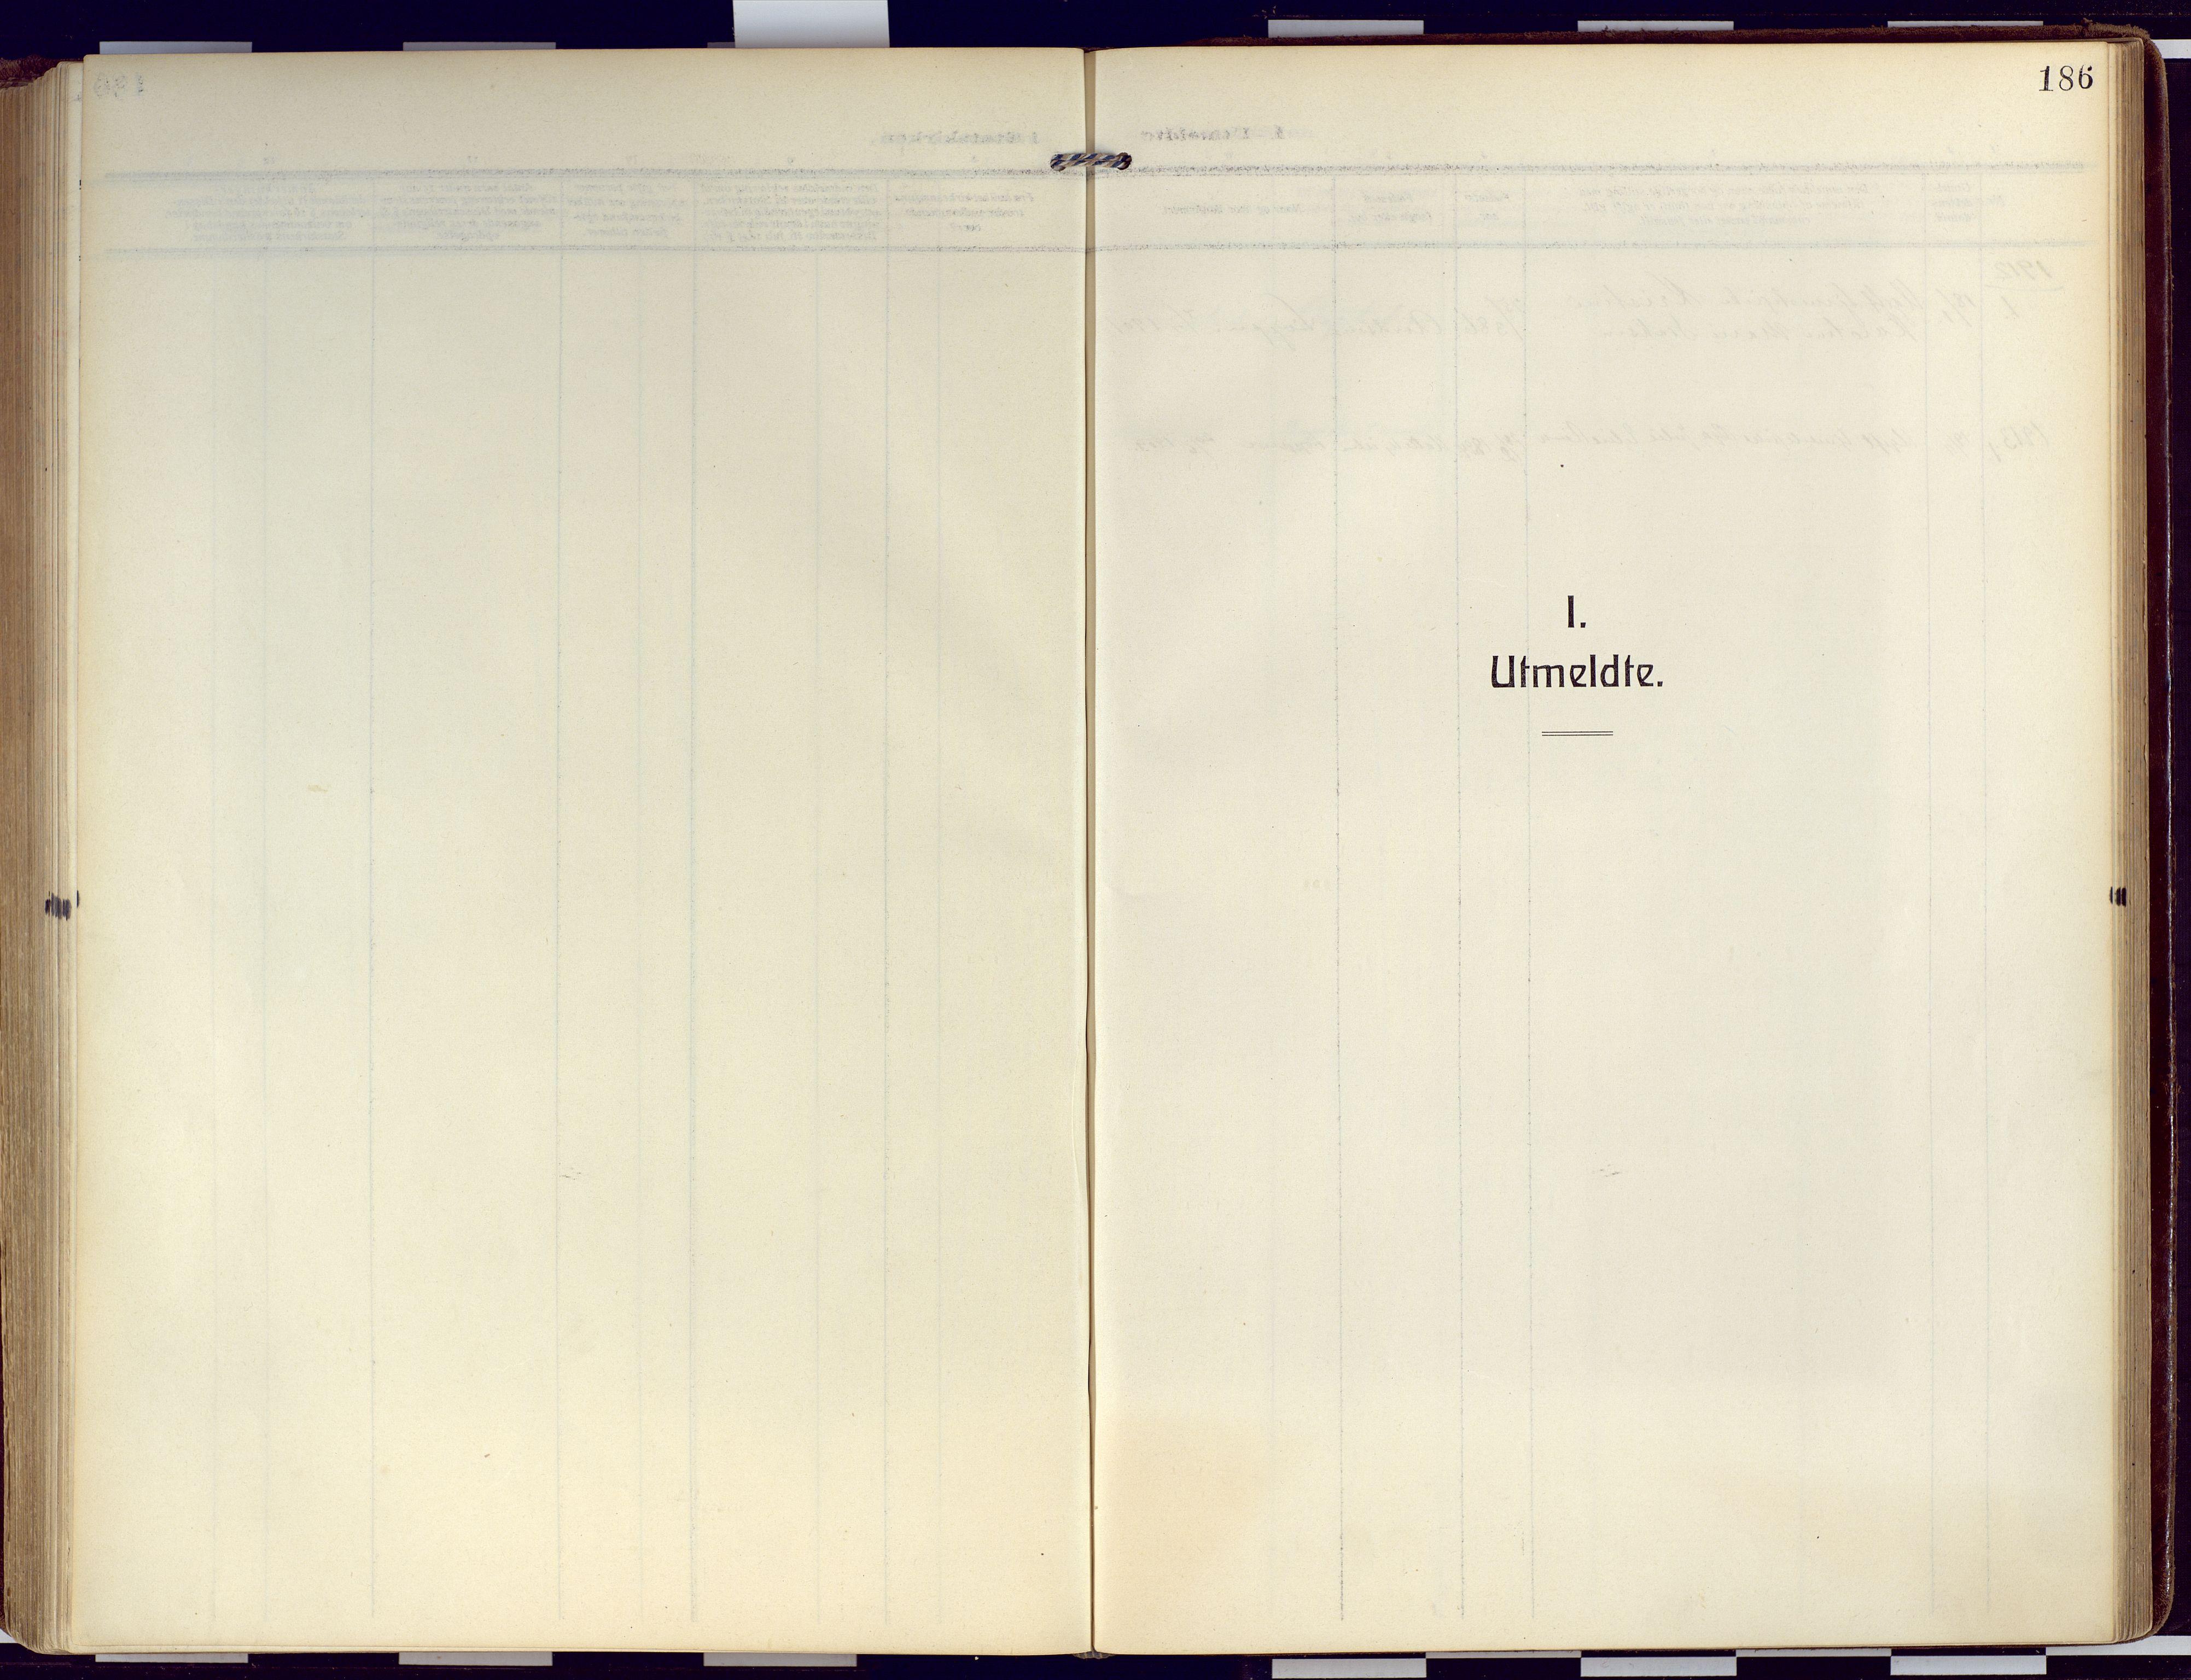 SATØ, Loppa sokneprestkontor, H/Ha/L0011kirke: Ministerialbok nr. 11, 1909-1919, s. 186